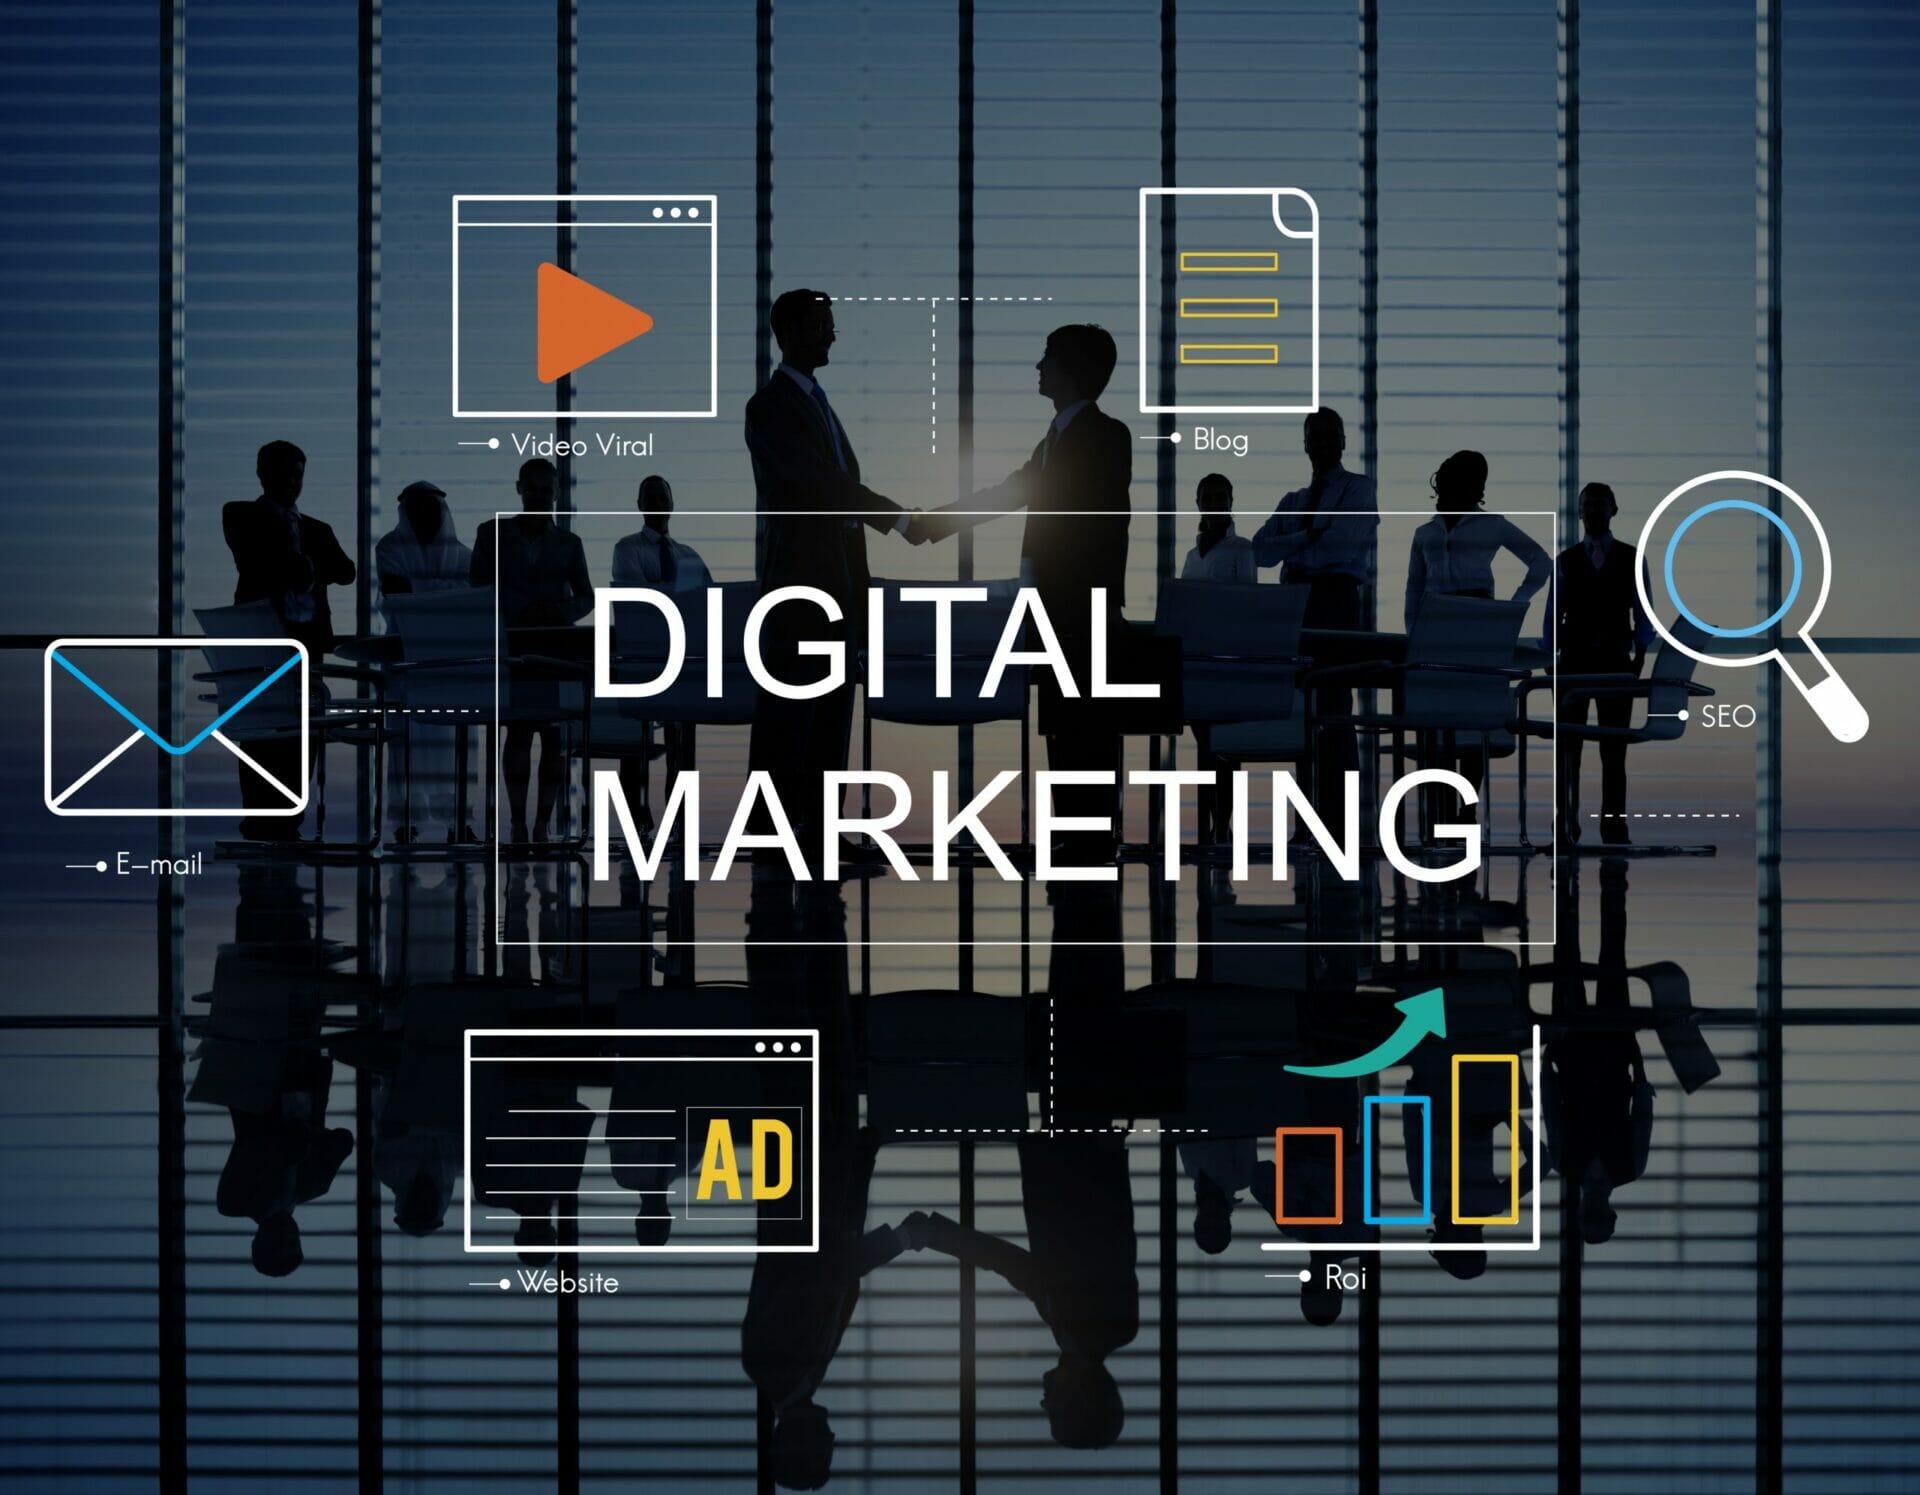 استراتيجية التسويق: 11 استراتيجية لتسويق ناجح يجلب العملاء إلى شركتك من كل حدب وصوب